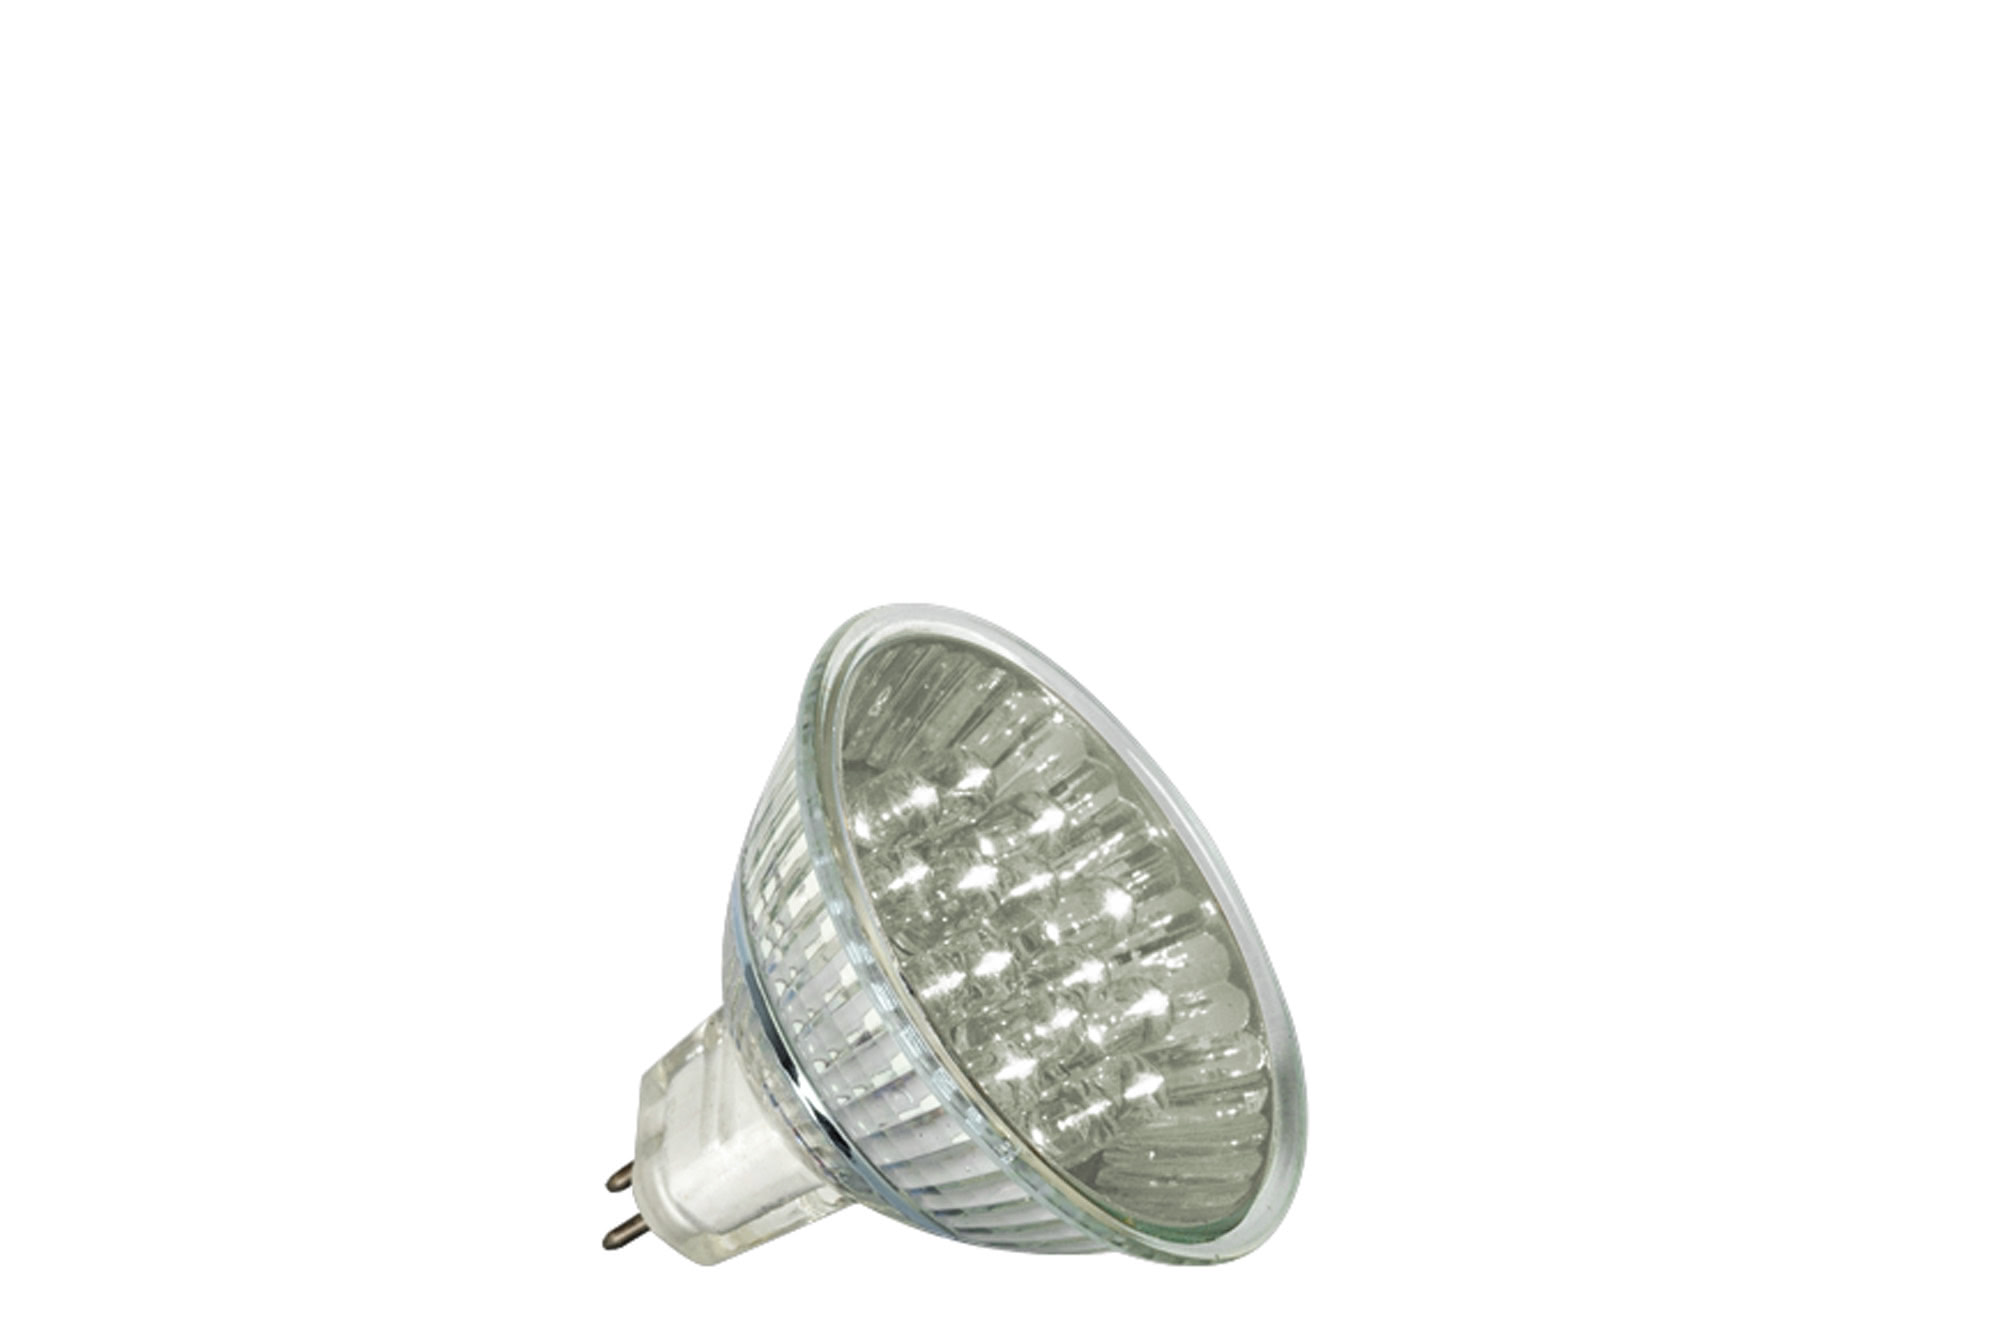 Paulmann. 28000 Лампа рефлекторная светодиодная LED, 1W GU 5,3 белая 6500K